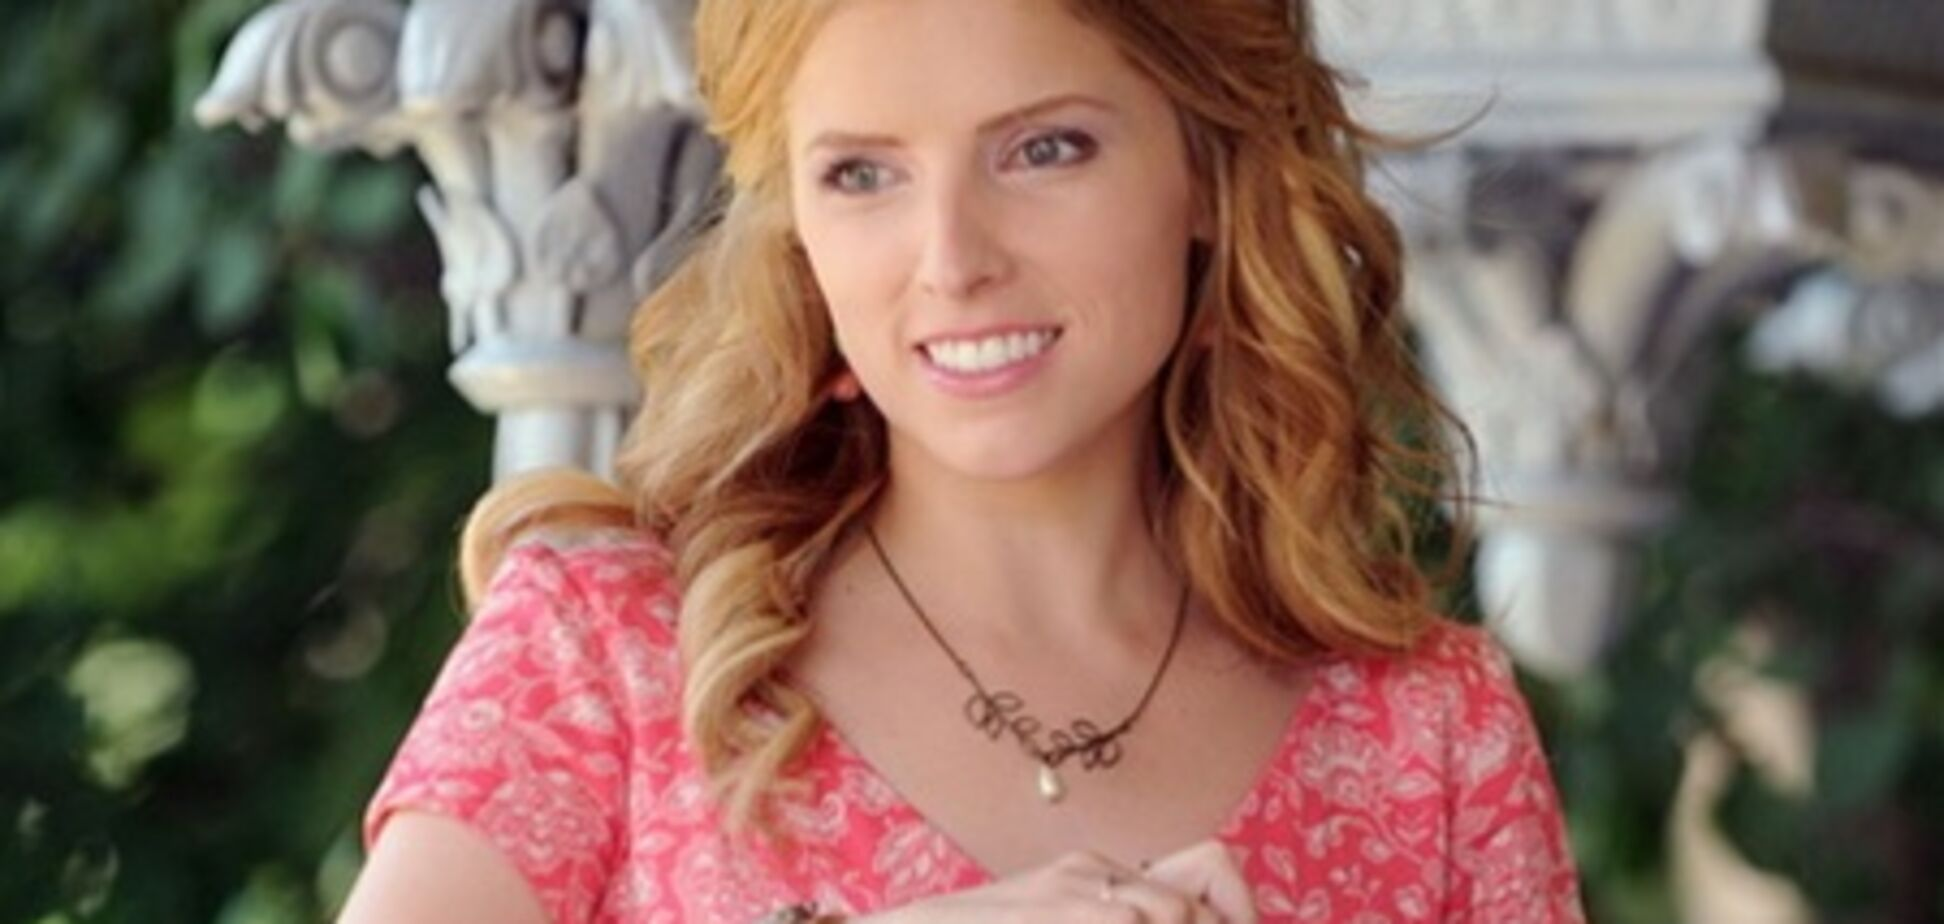 Звезда 'Сумерек' превратилась в блондинку с правильными локонами